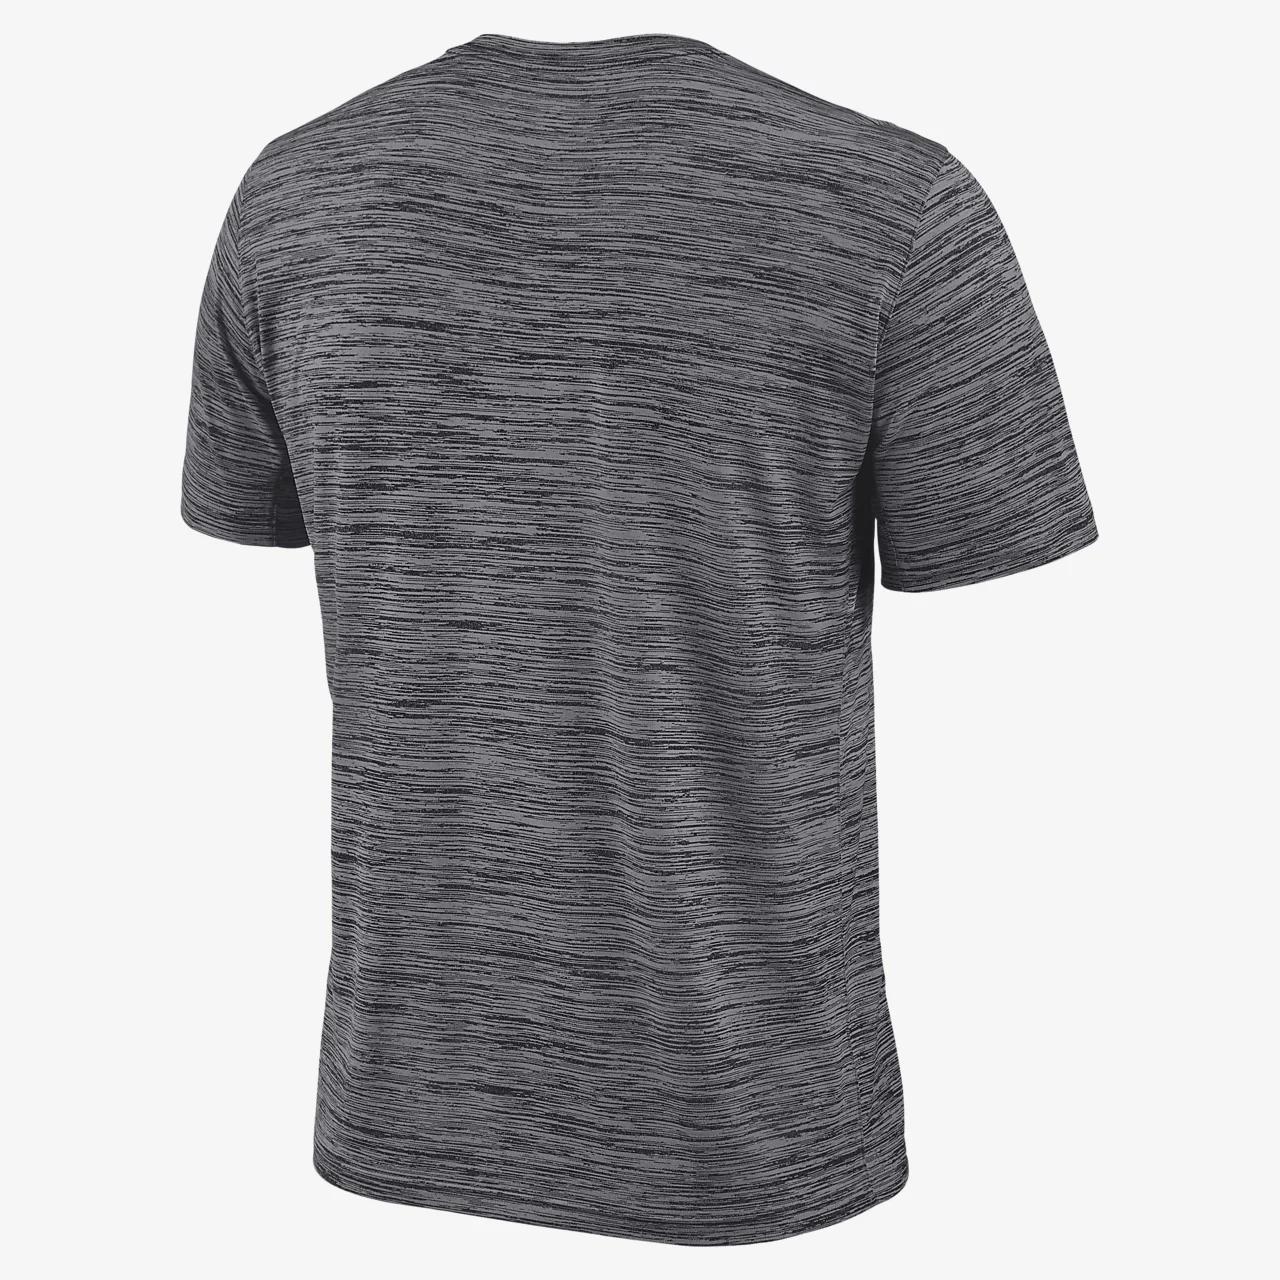 나이키 칼리지 드라이핏 벨로시티(켄터키) 남성 티셔츠 CT7602-021